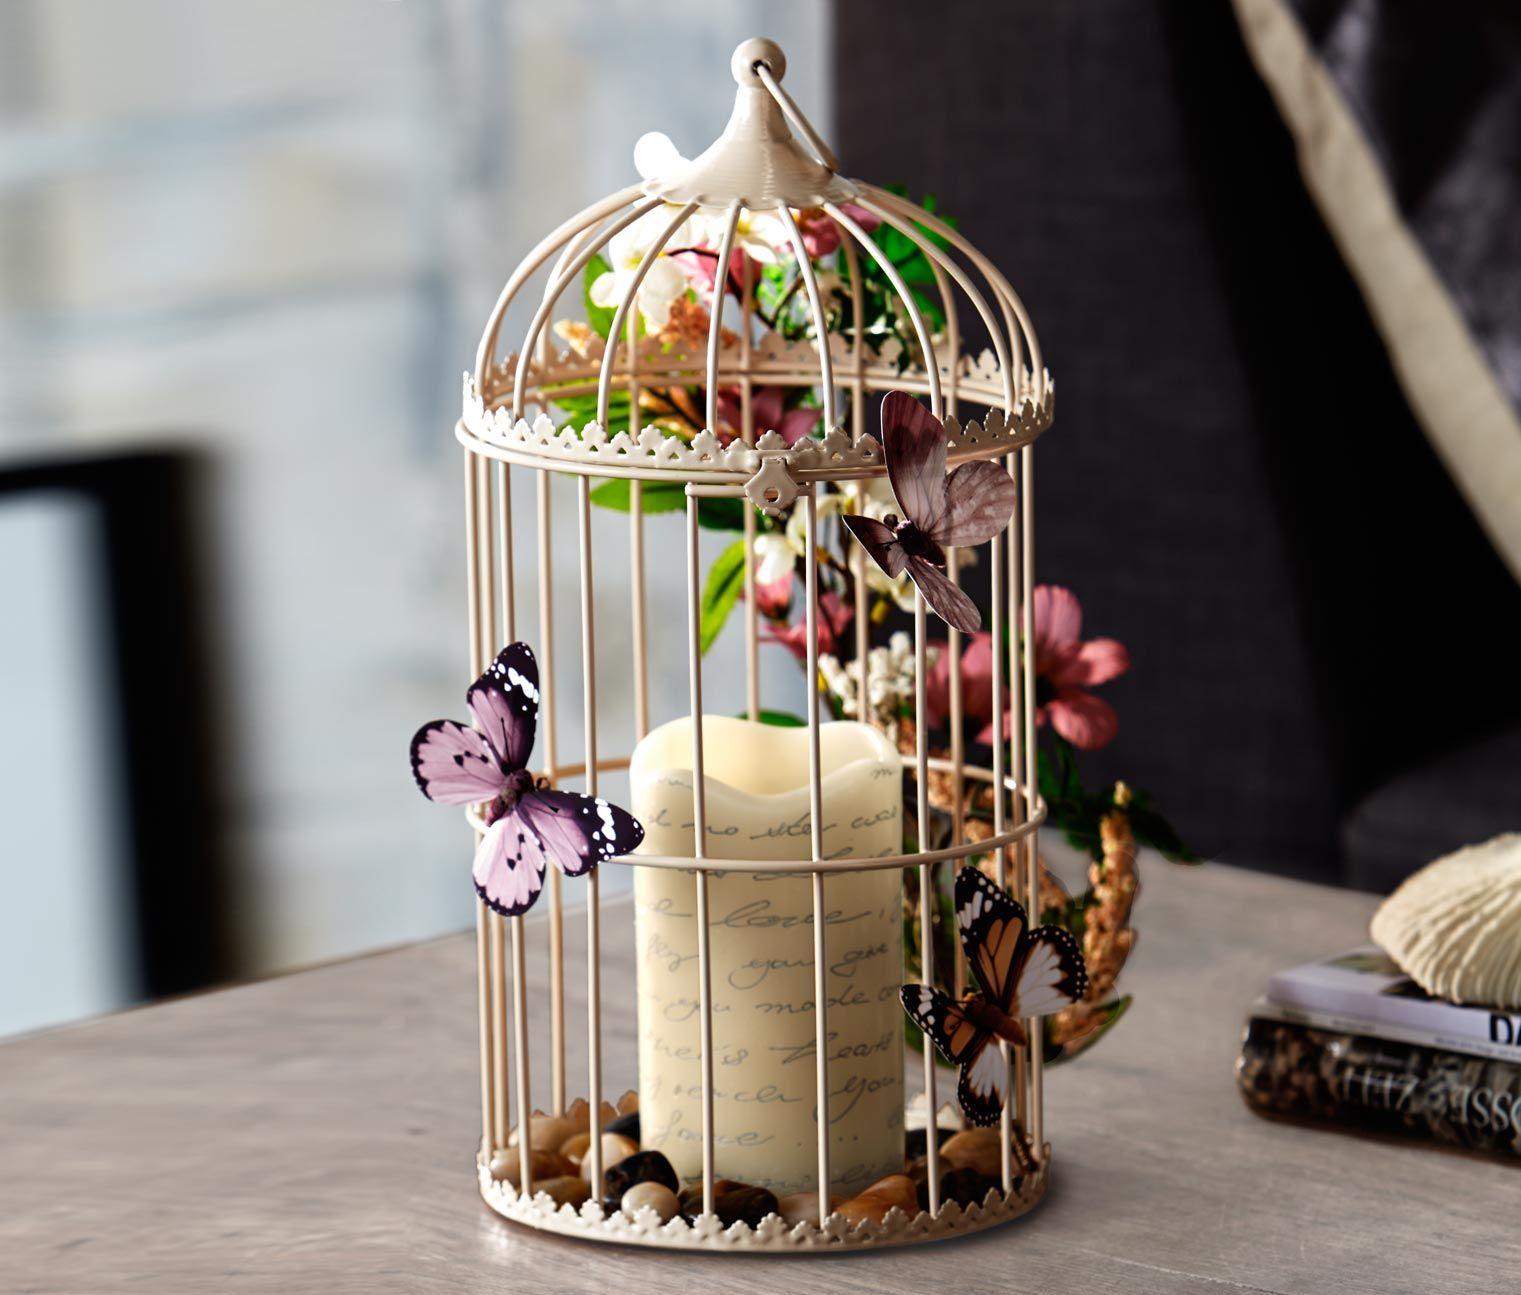 deko vogelk fig online bestellen bei tchibo 314338 deko pinterest deko vogelk fig deko. Black Bedroom Furniture Sets. Home Design Ideas